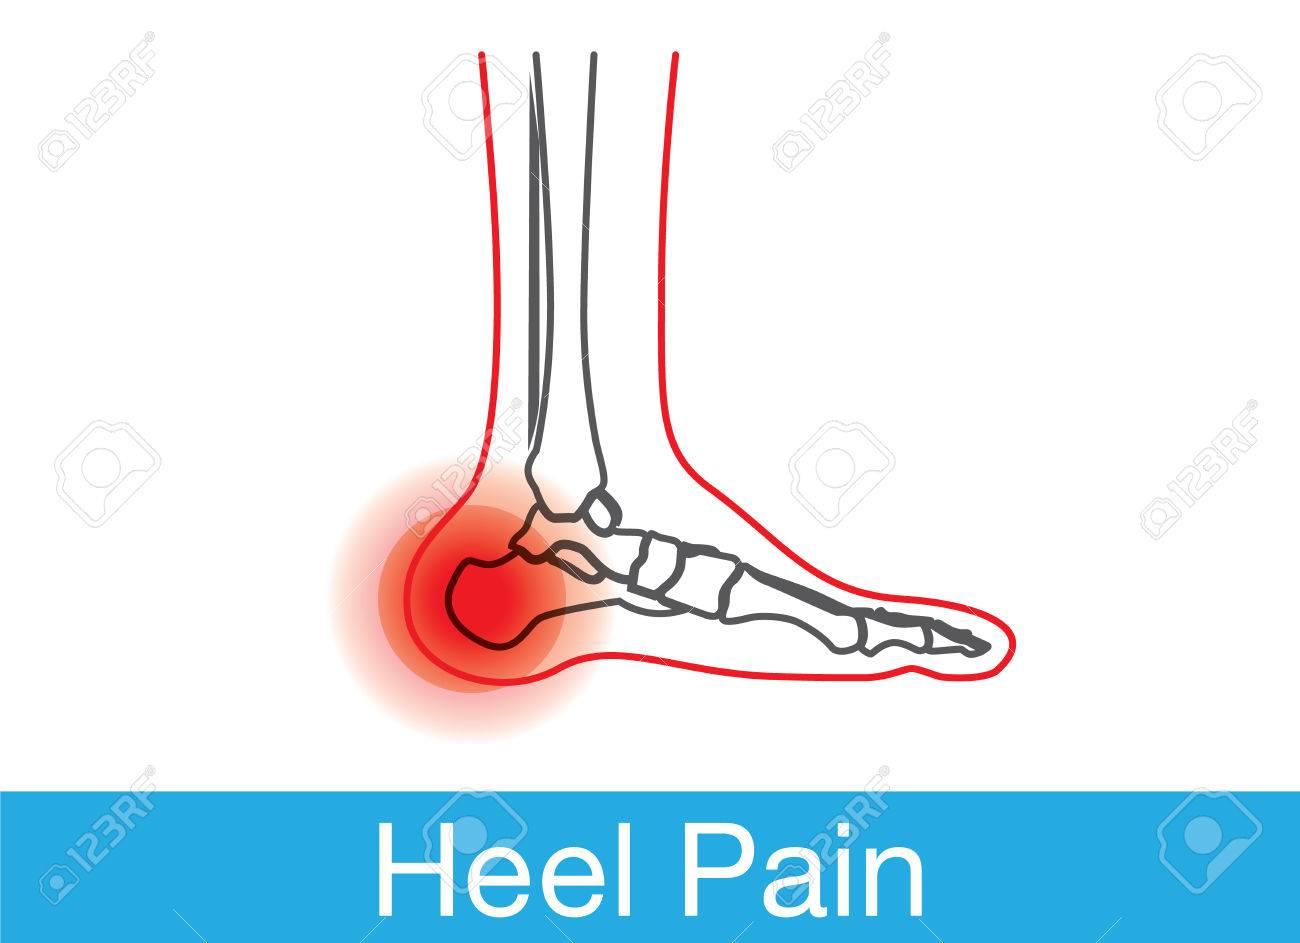 かかとの痛みがある足と骨のアウトラインこれは医療イラストですの